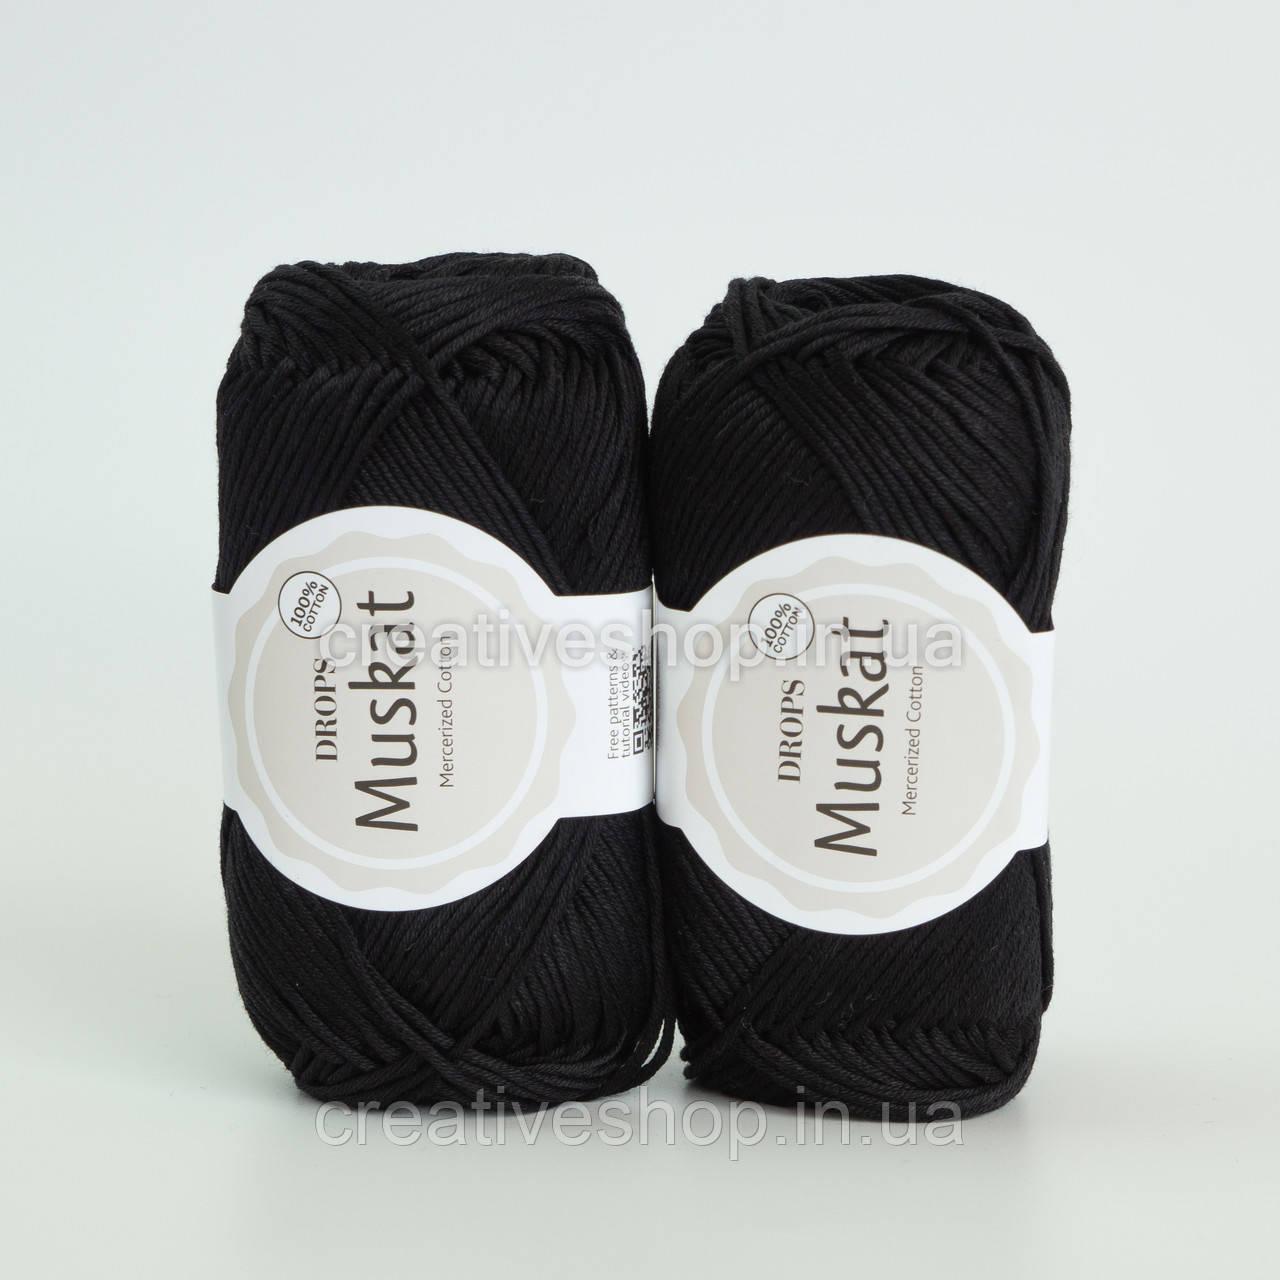 Пряжа DROPS Muskat (колір 17 black)